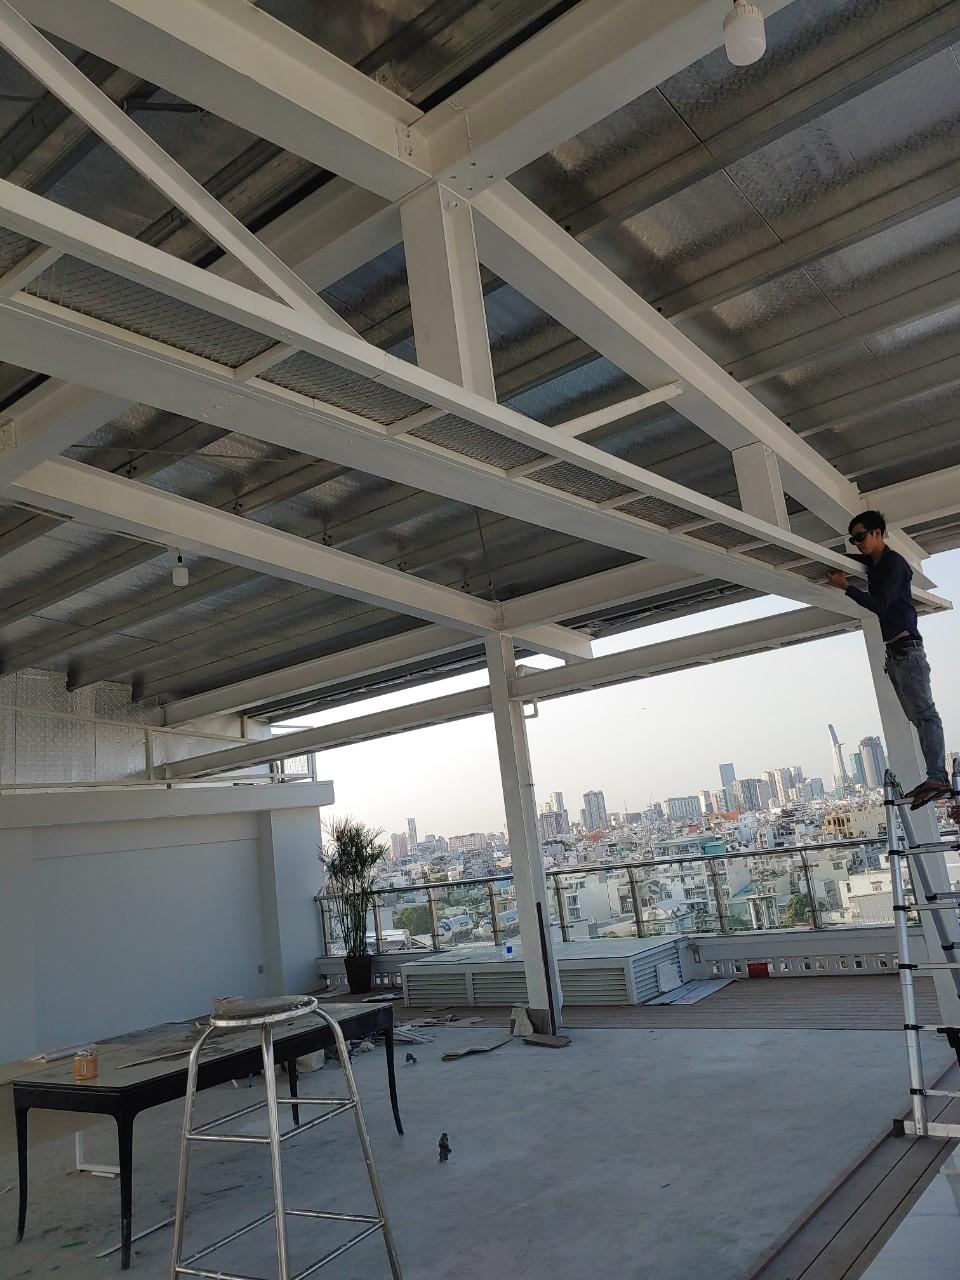 báo giá làm mái tôn tại quận 5 - dịch vụ thi công mái tôn tại hà nội giá rẻ - đội thợ kinh nghiệm làm mái tôn nhà cấp 4, làm mái tôn dân dụng